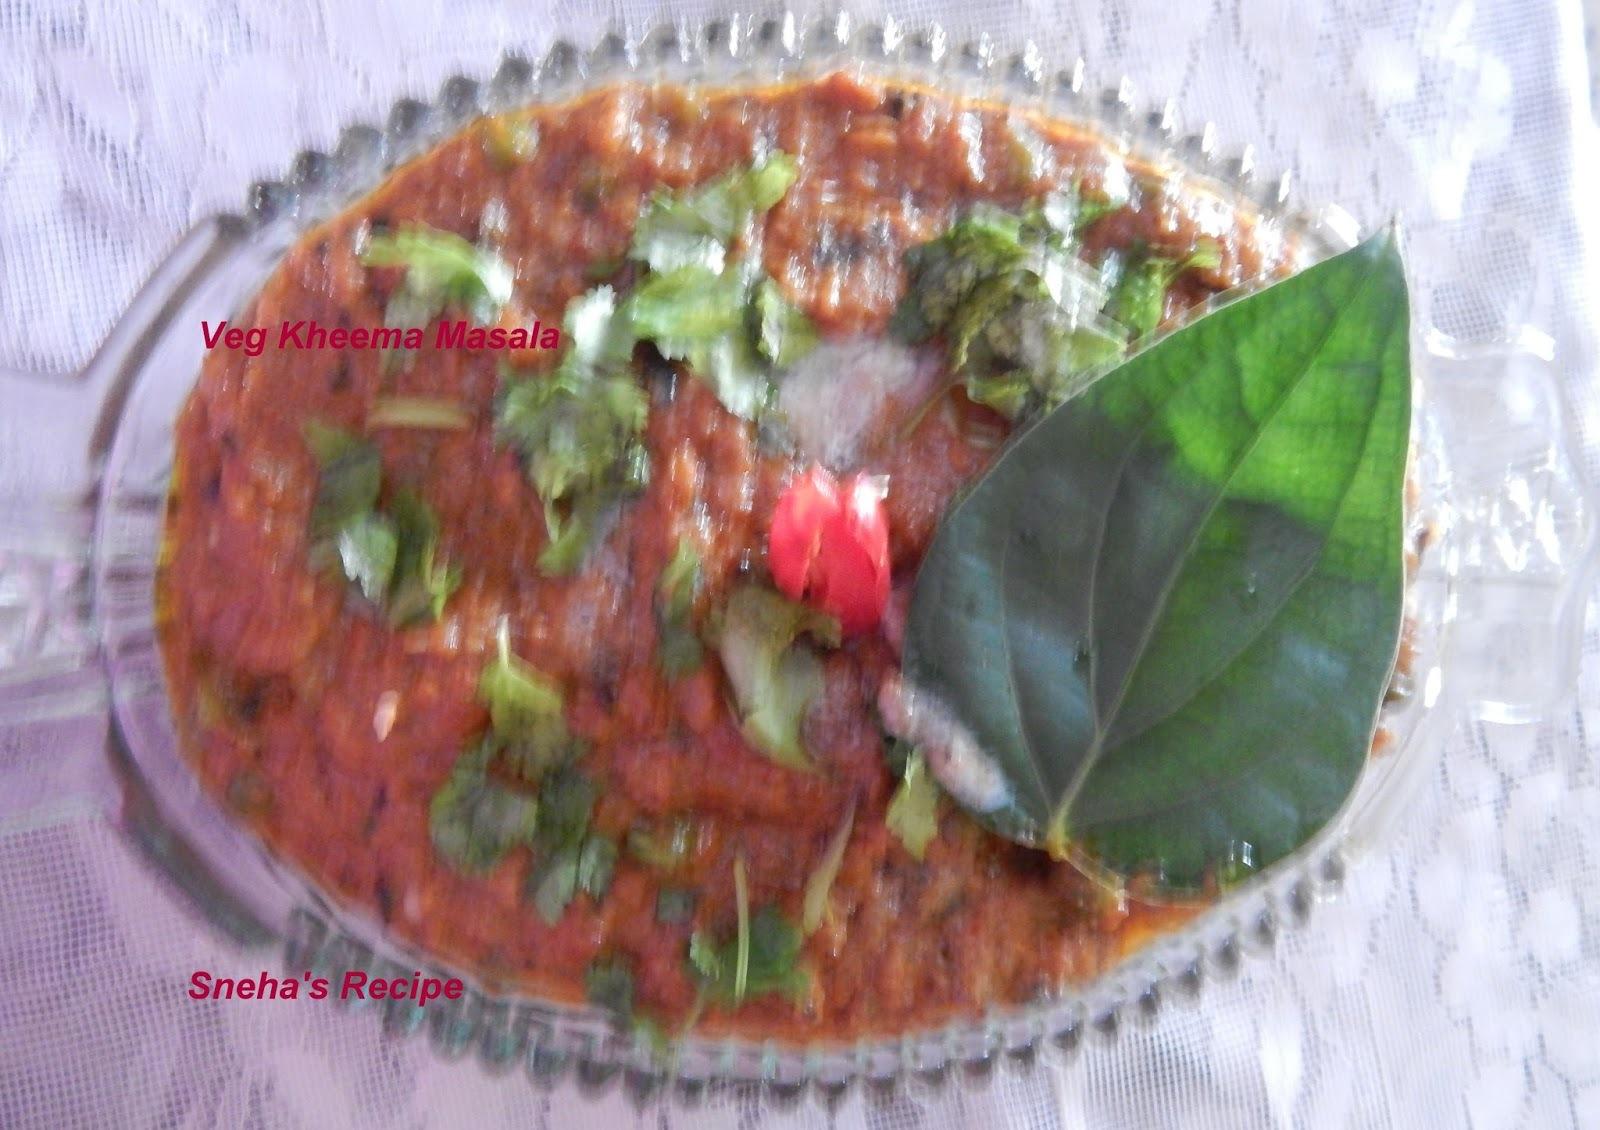 veg kheema masala